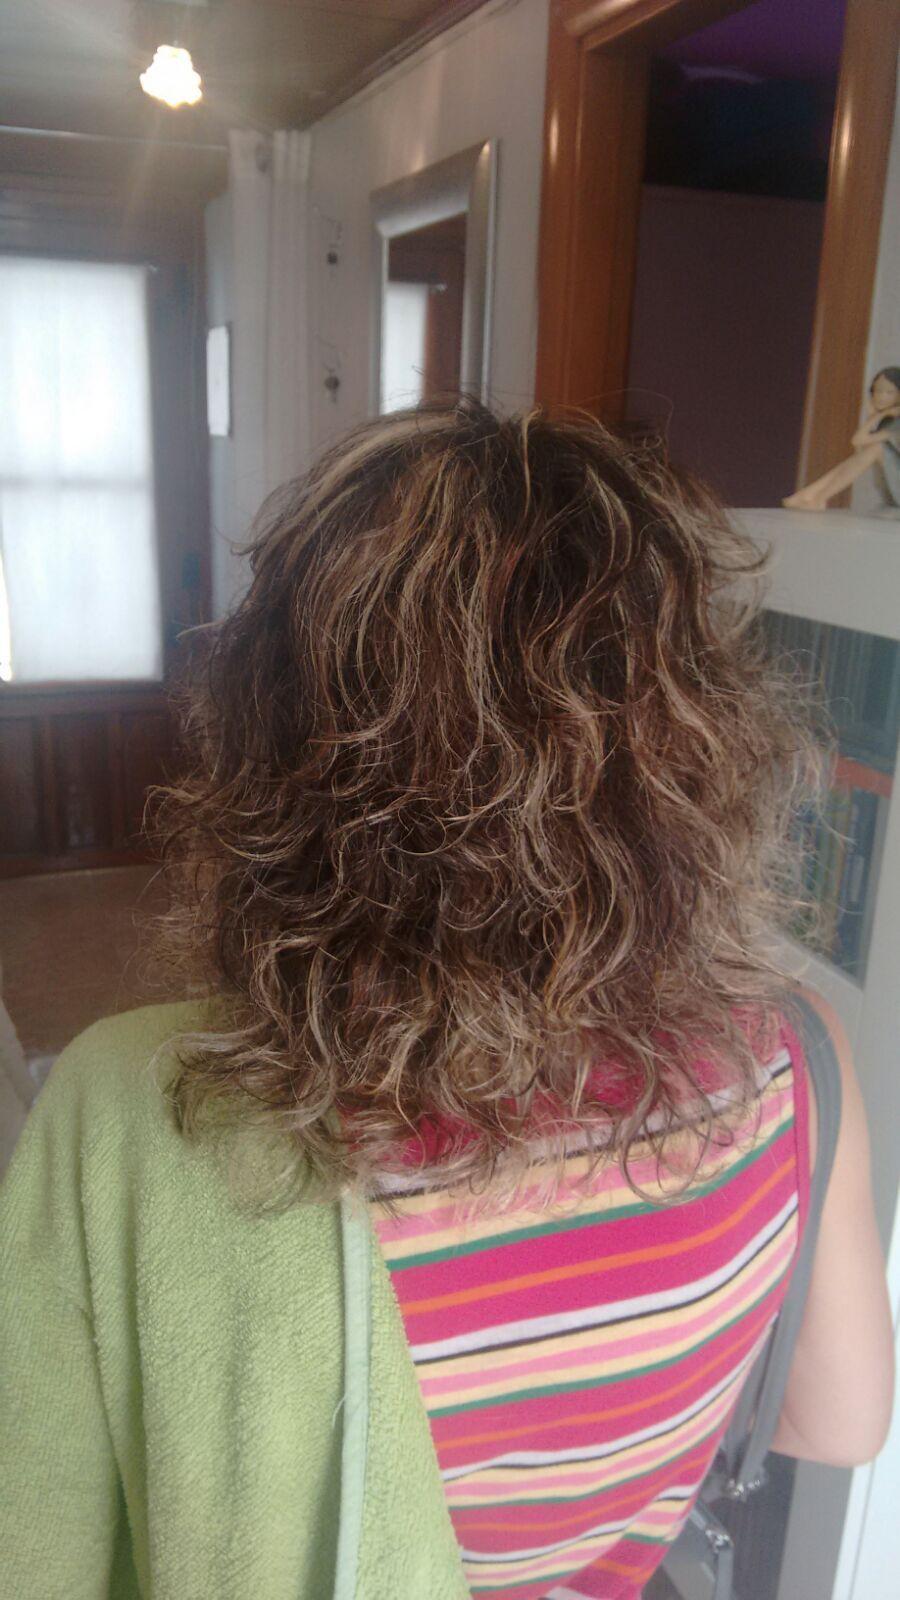 Peluquera en casa, peluqueria en casa, peluquera a domicilio, peluquera para residencias en Palau Solita